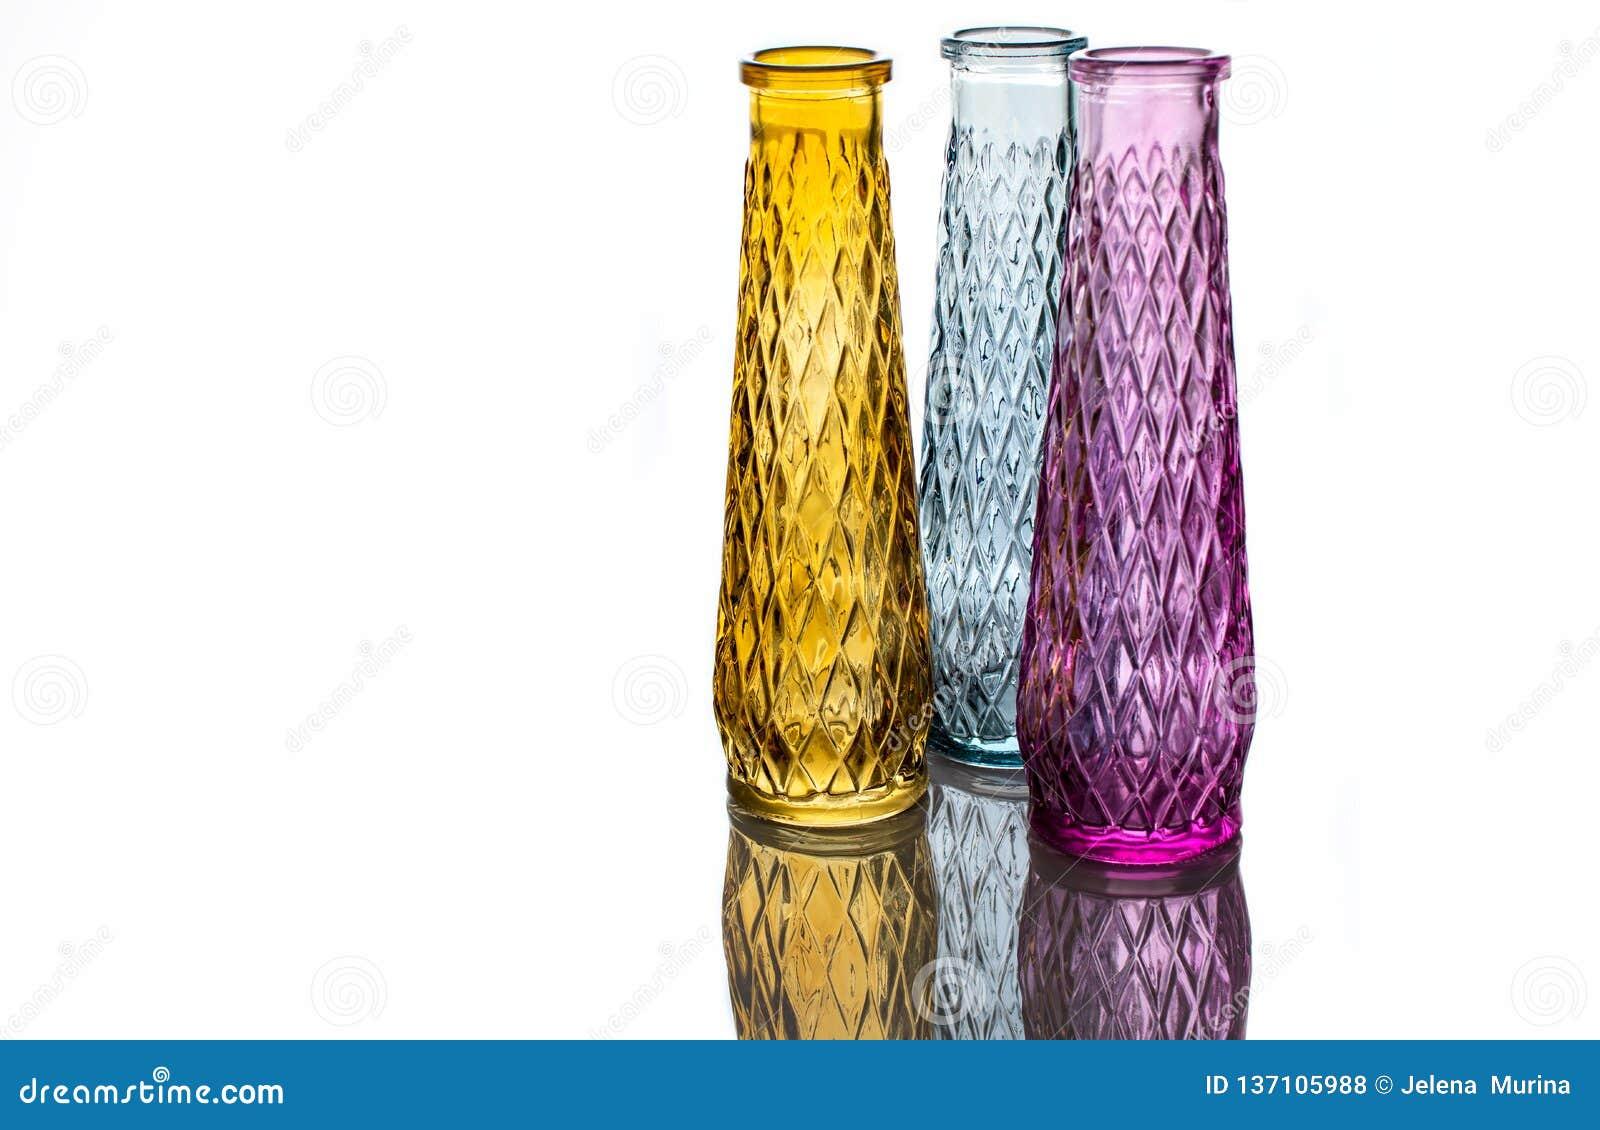 Tre vasi di vetro colorato con un modello